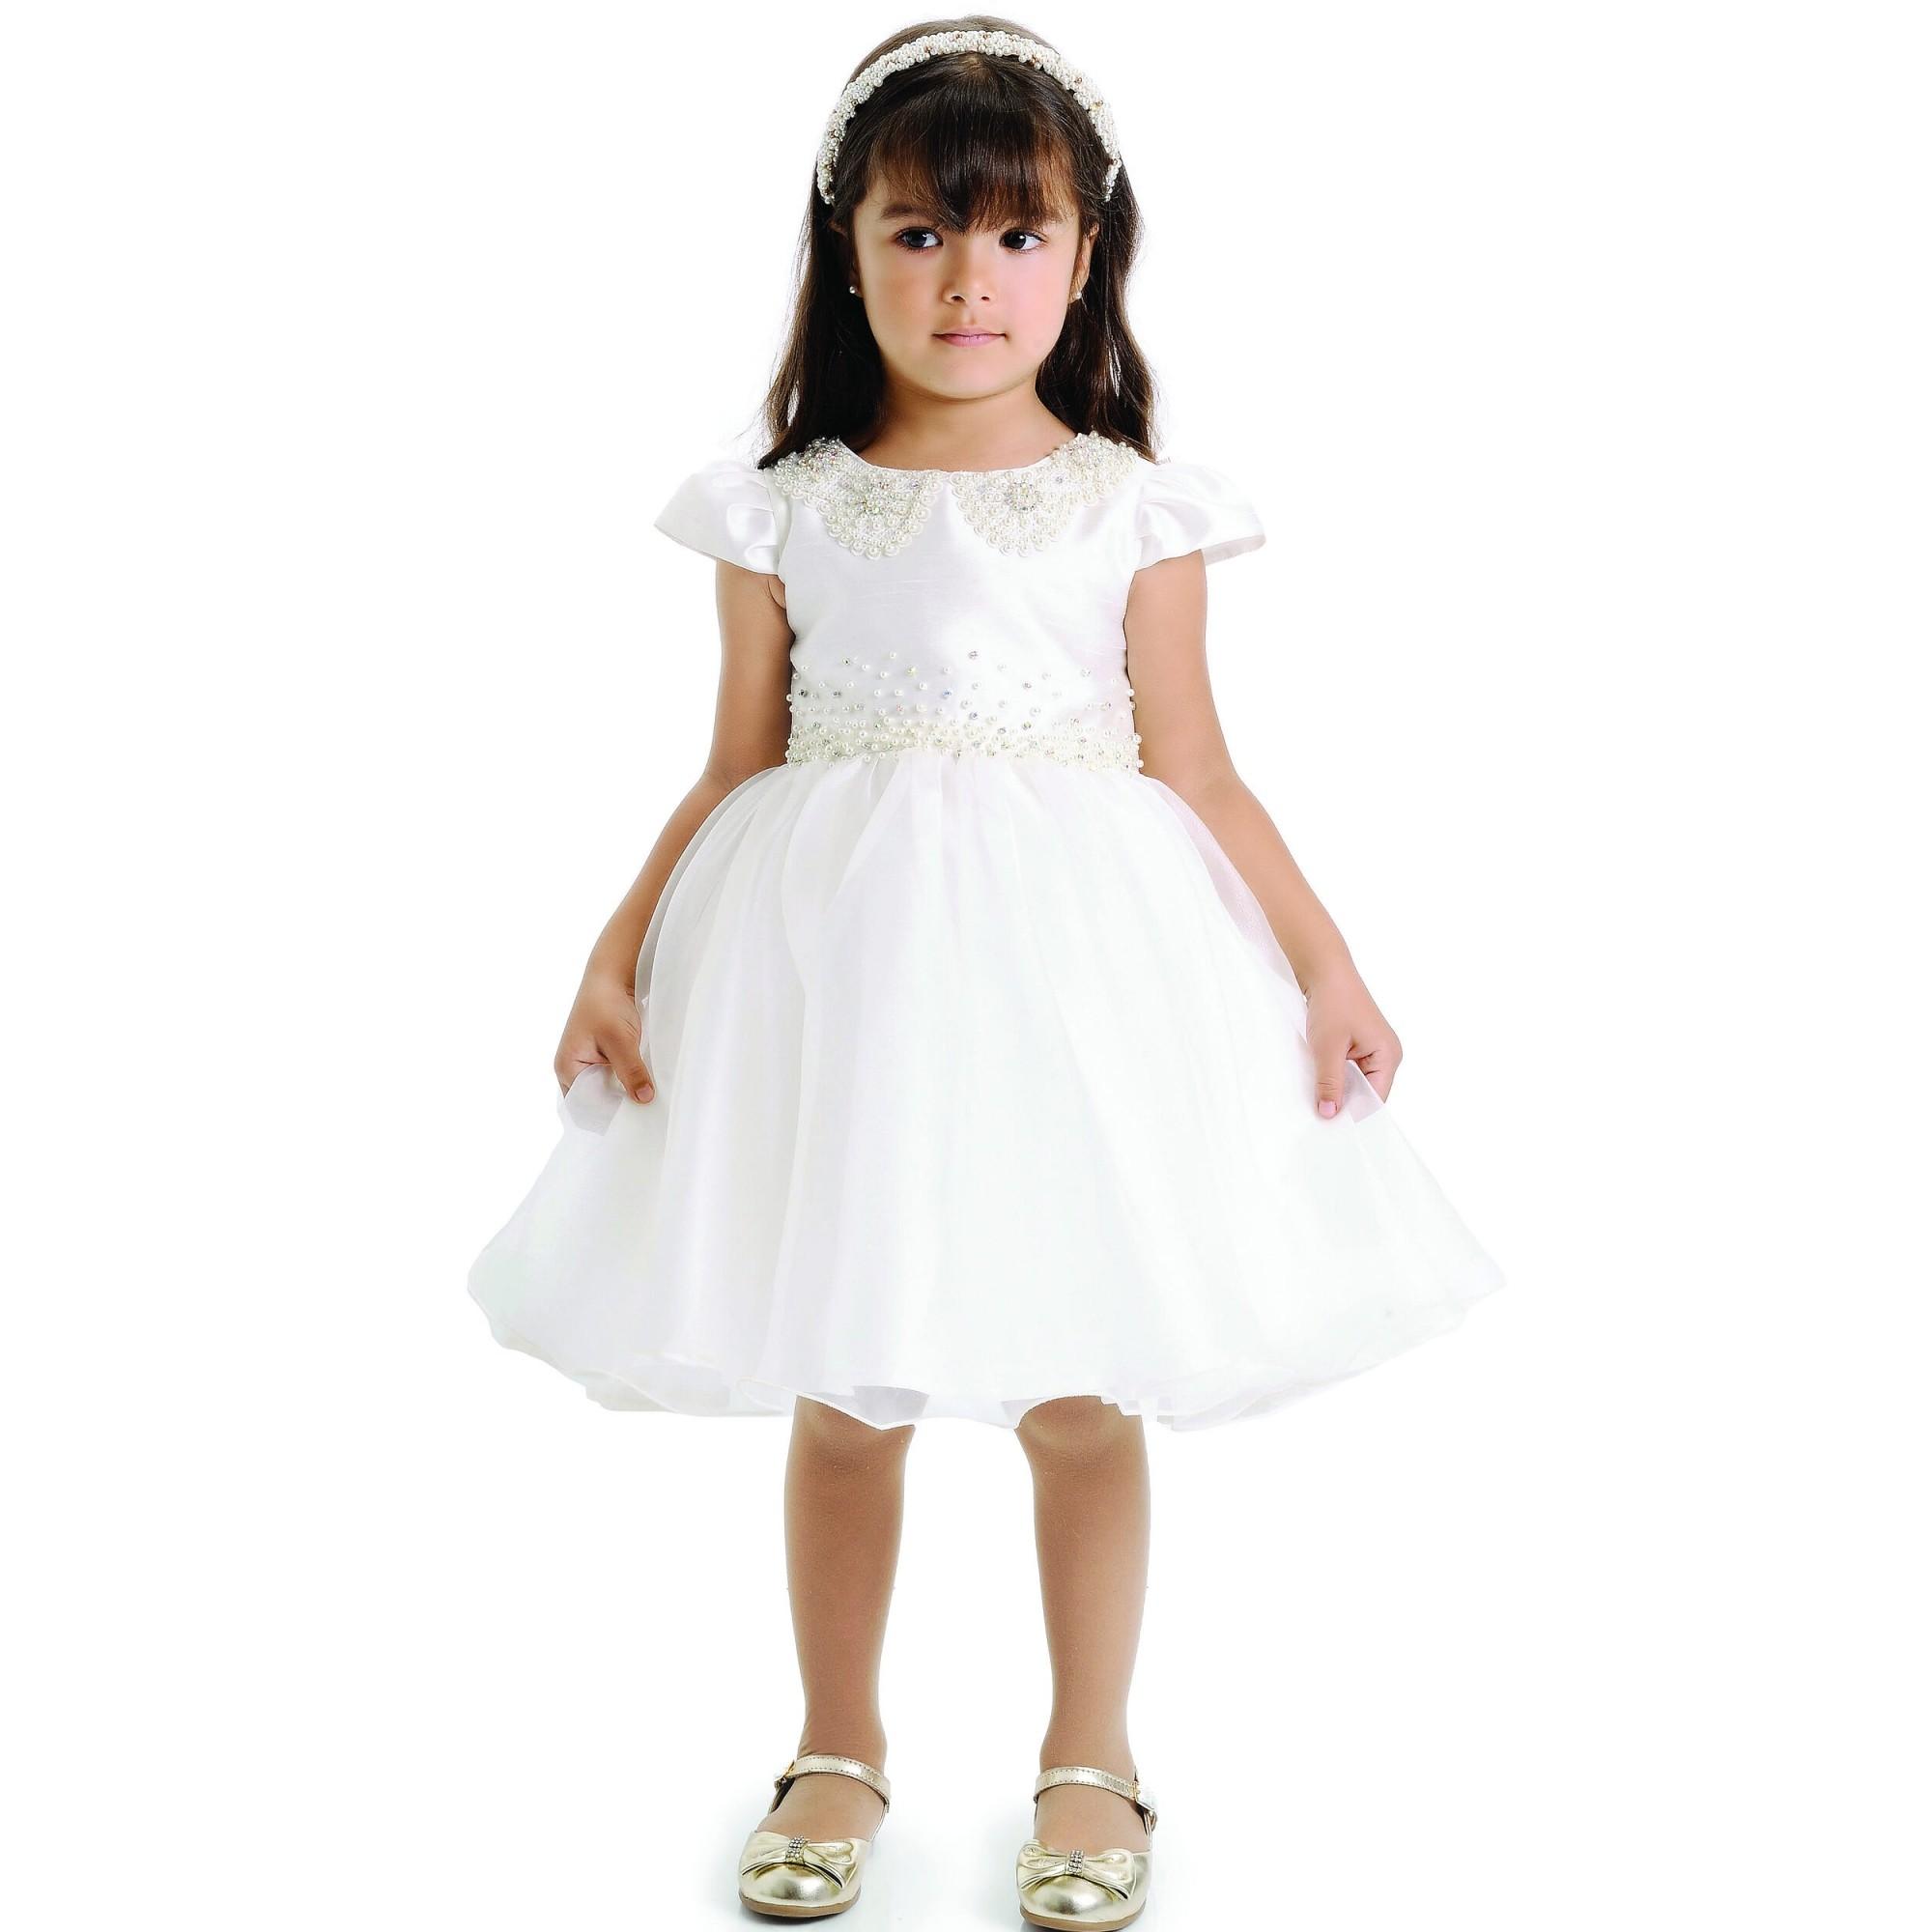 Vestido Festa Infantil com Bordado